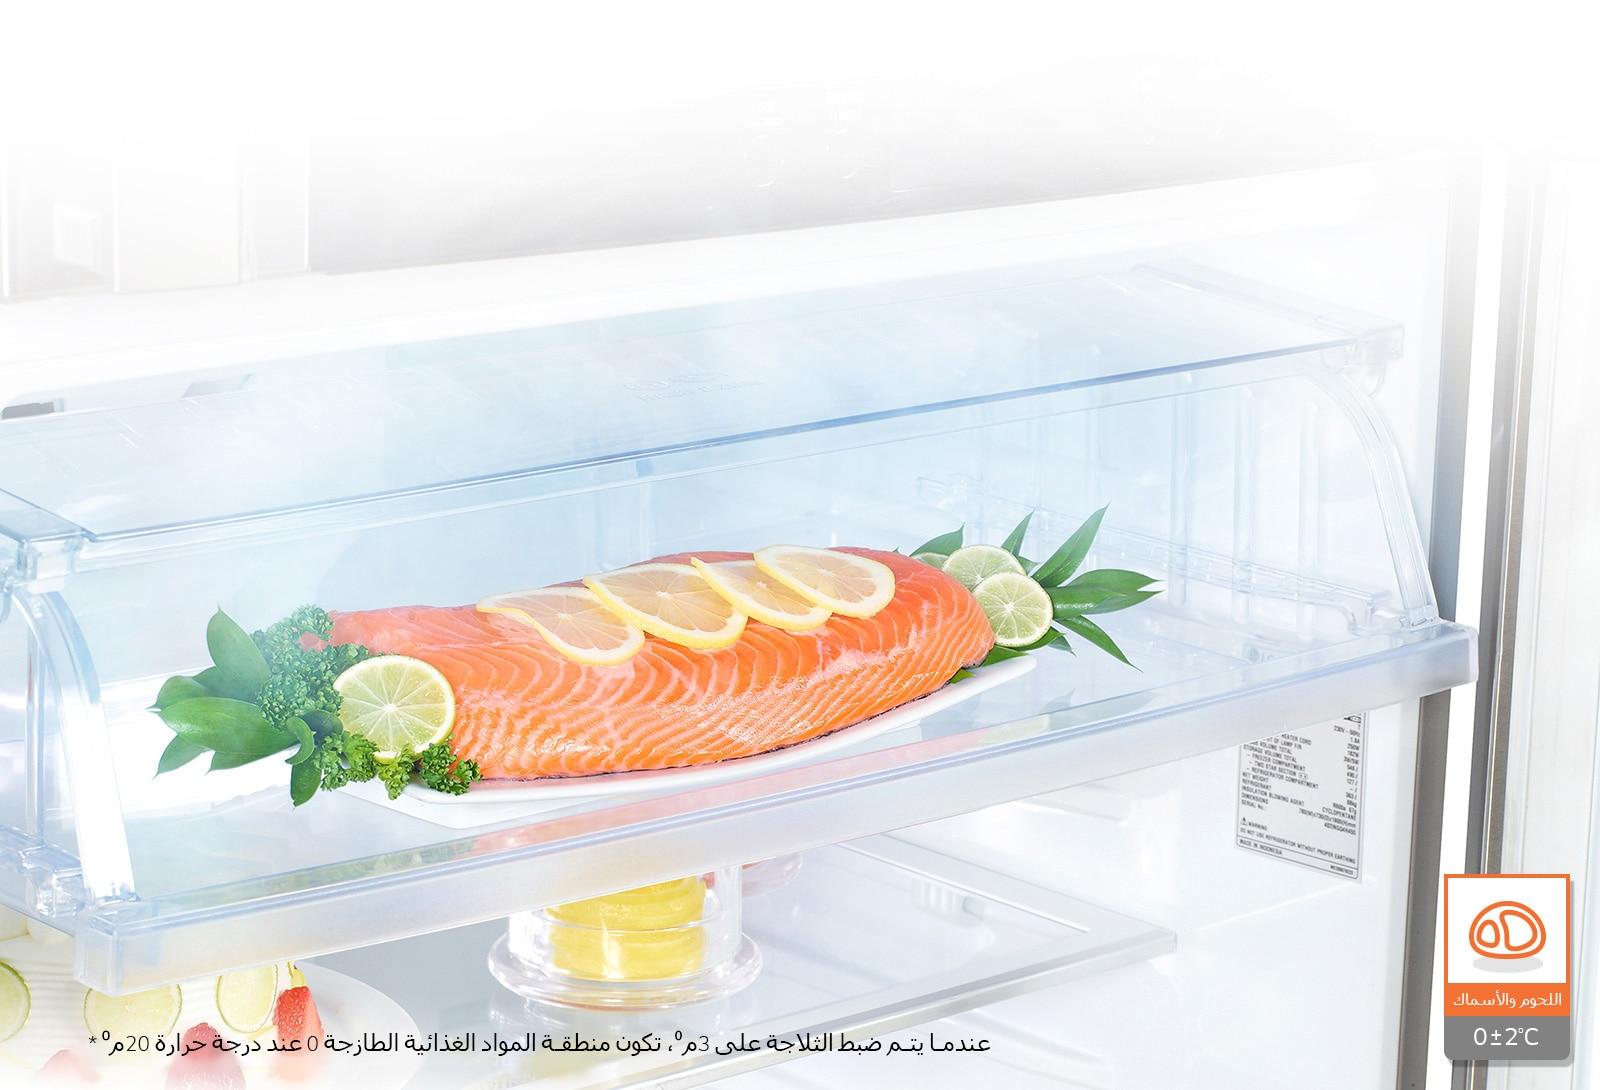 منطقة المواد الغذائية الطازجة عند درجة حرارة 0